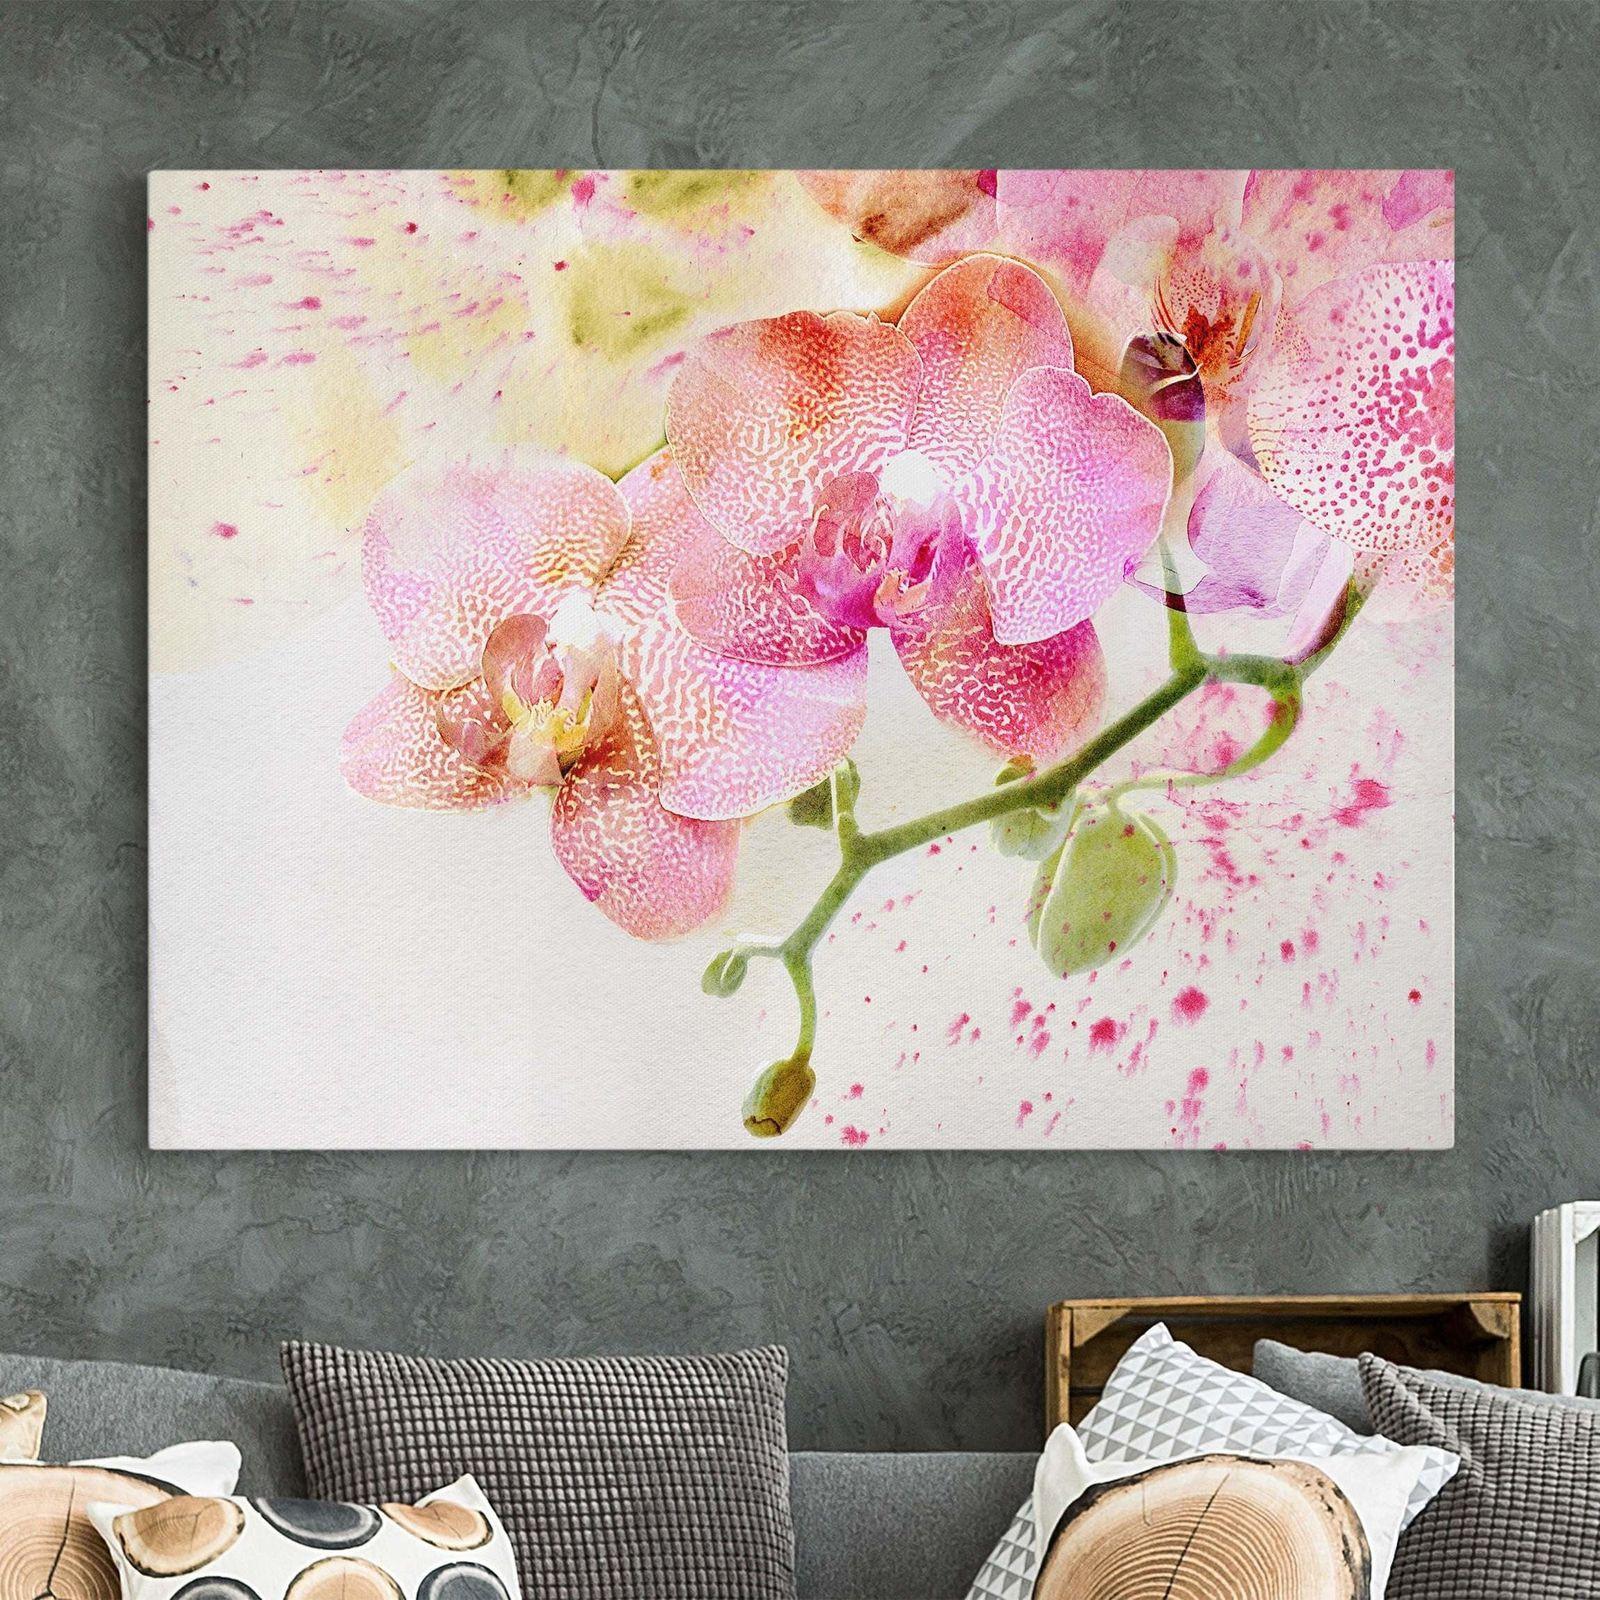 Leinwand Bild Aquarell Blumen Orchideen Quer 3 4 Kunstdruck Xxl Leinwandbild